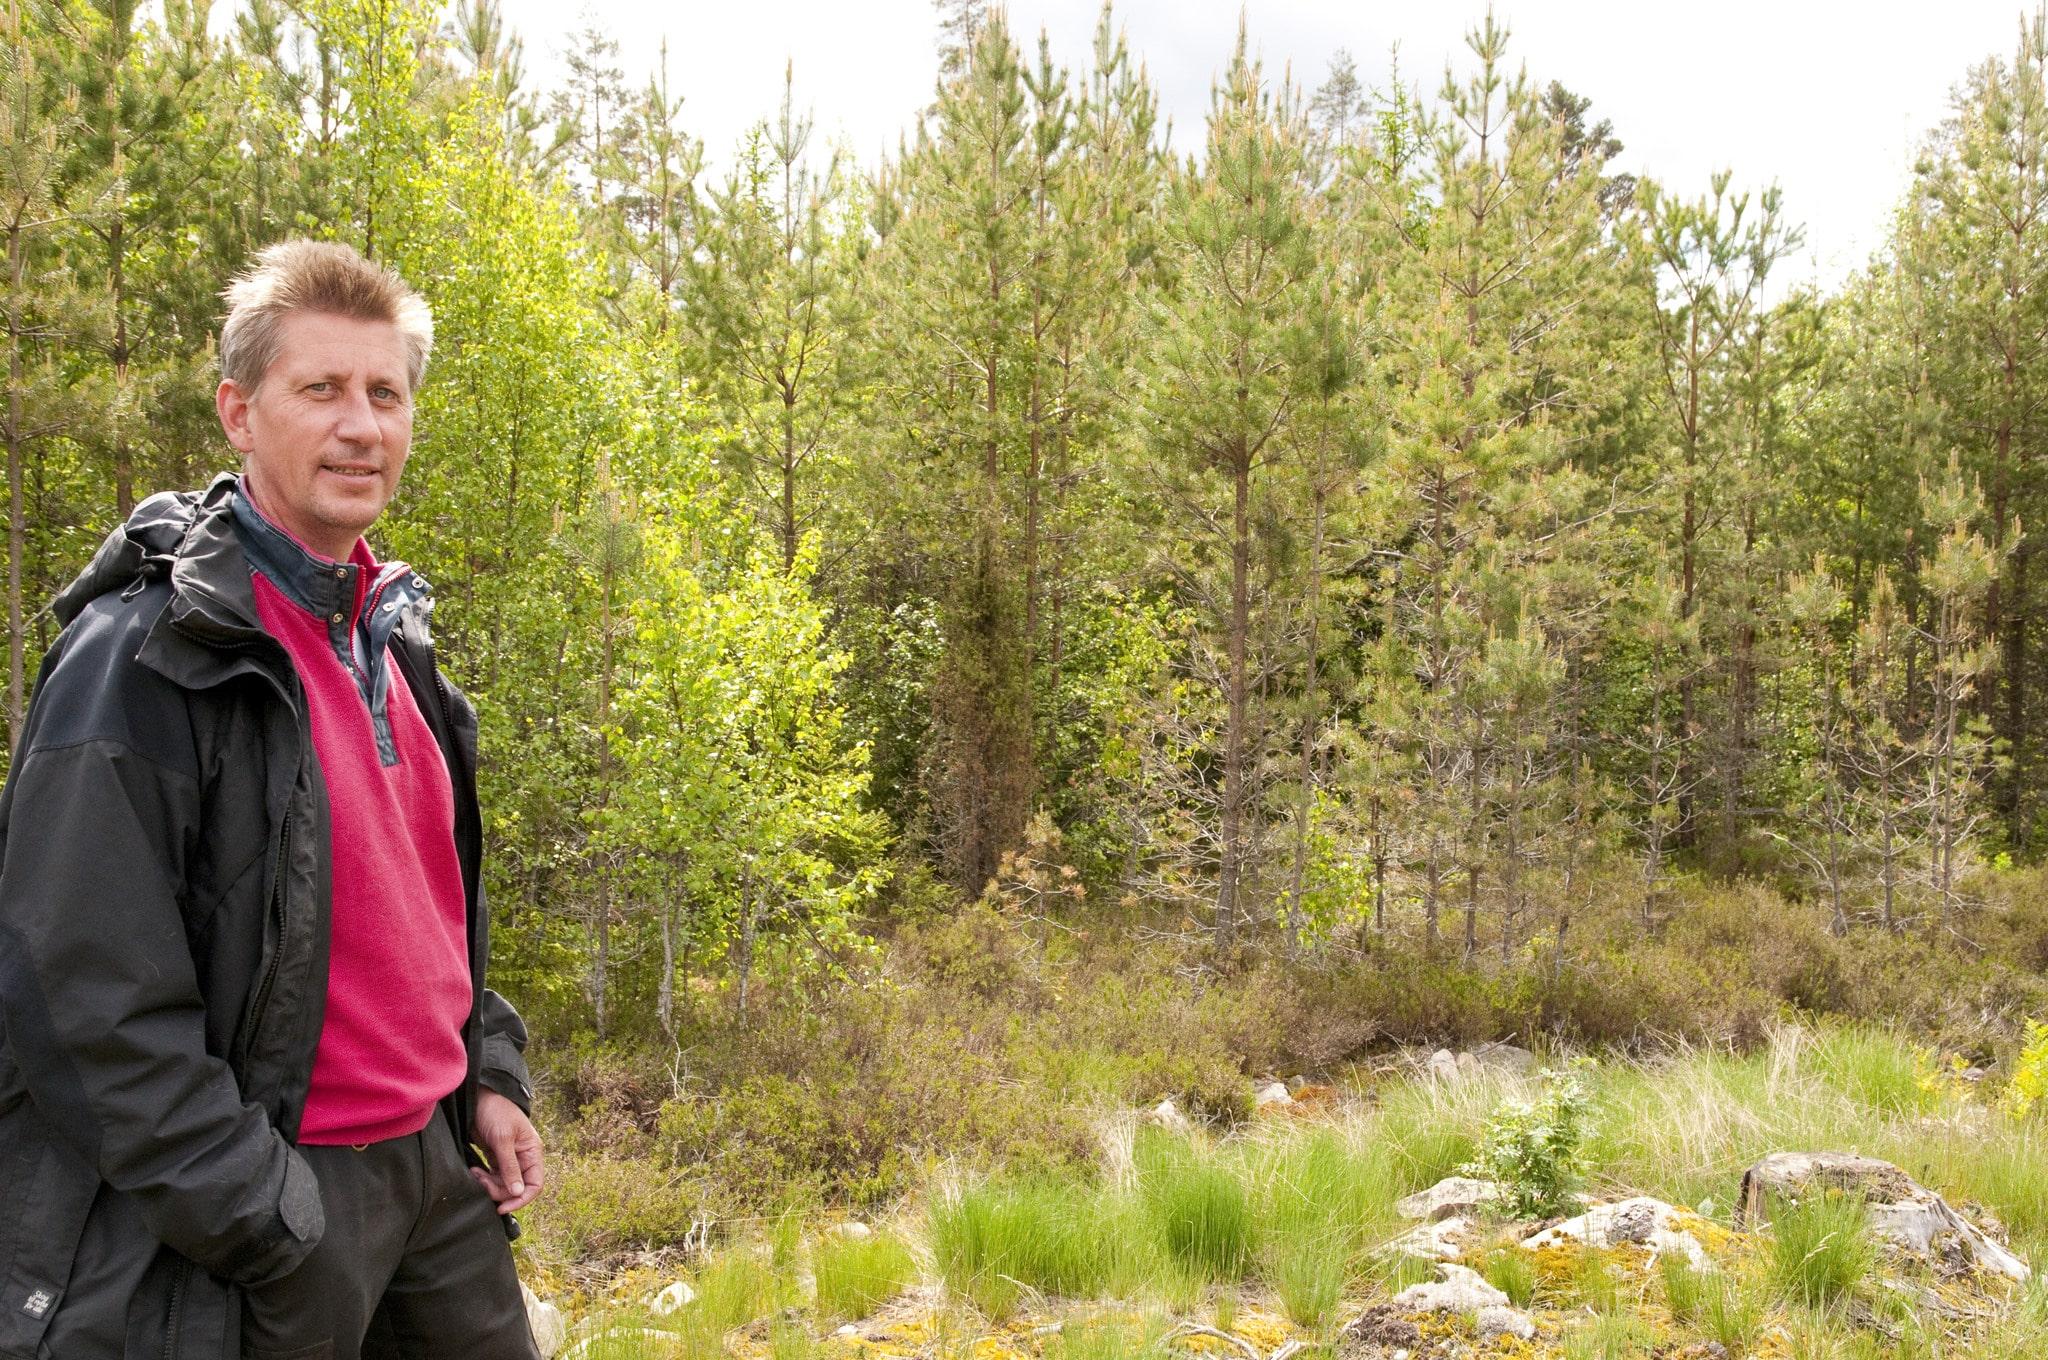 Ove Arnesson har för Skogsstyrelsens räkning lett projektet Mera tall. Erfarenheter och lyckade resultat från projektet ska nu spridas över landet. Foto: Jan Henricson